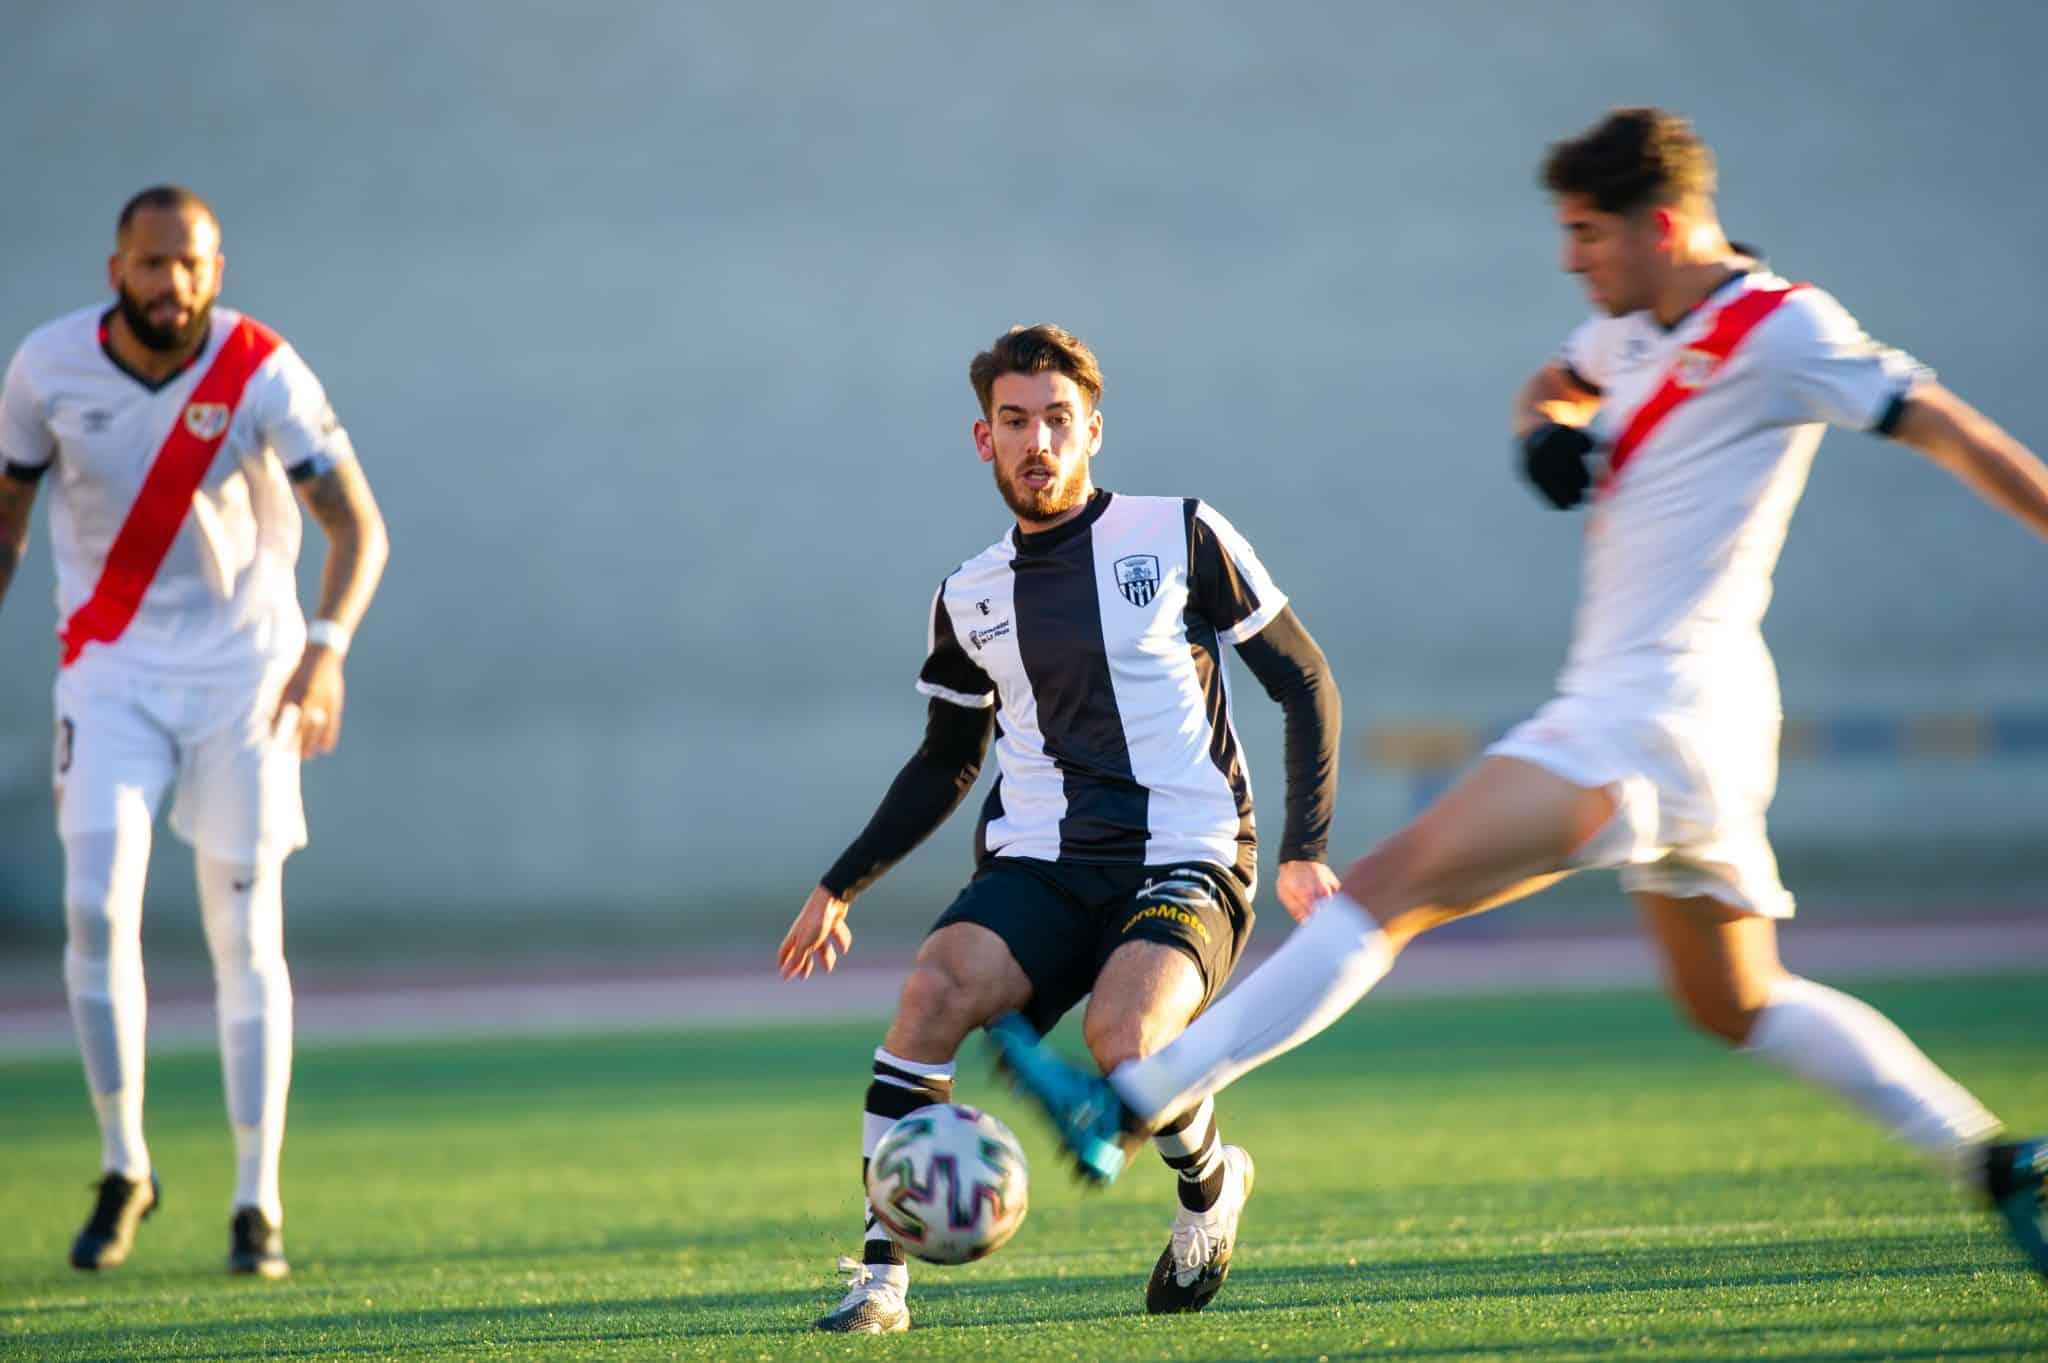 El Rayo apaga la ilusión del Haro en la Copa 10